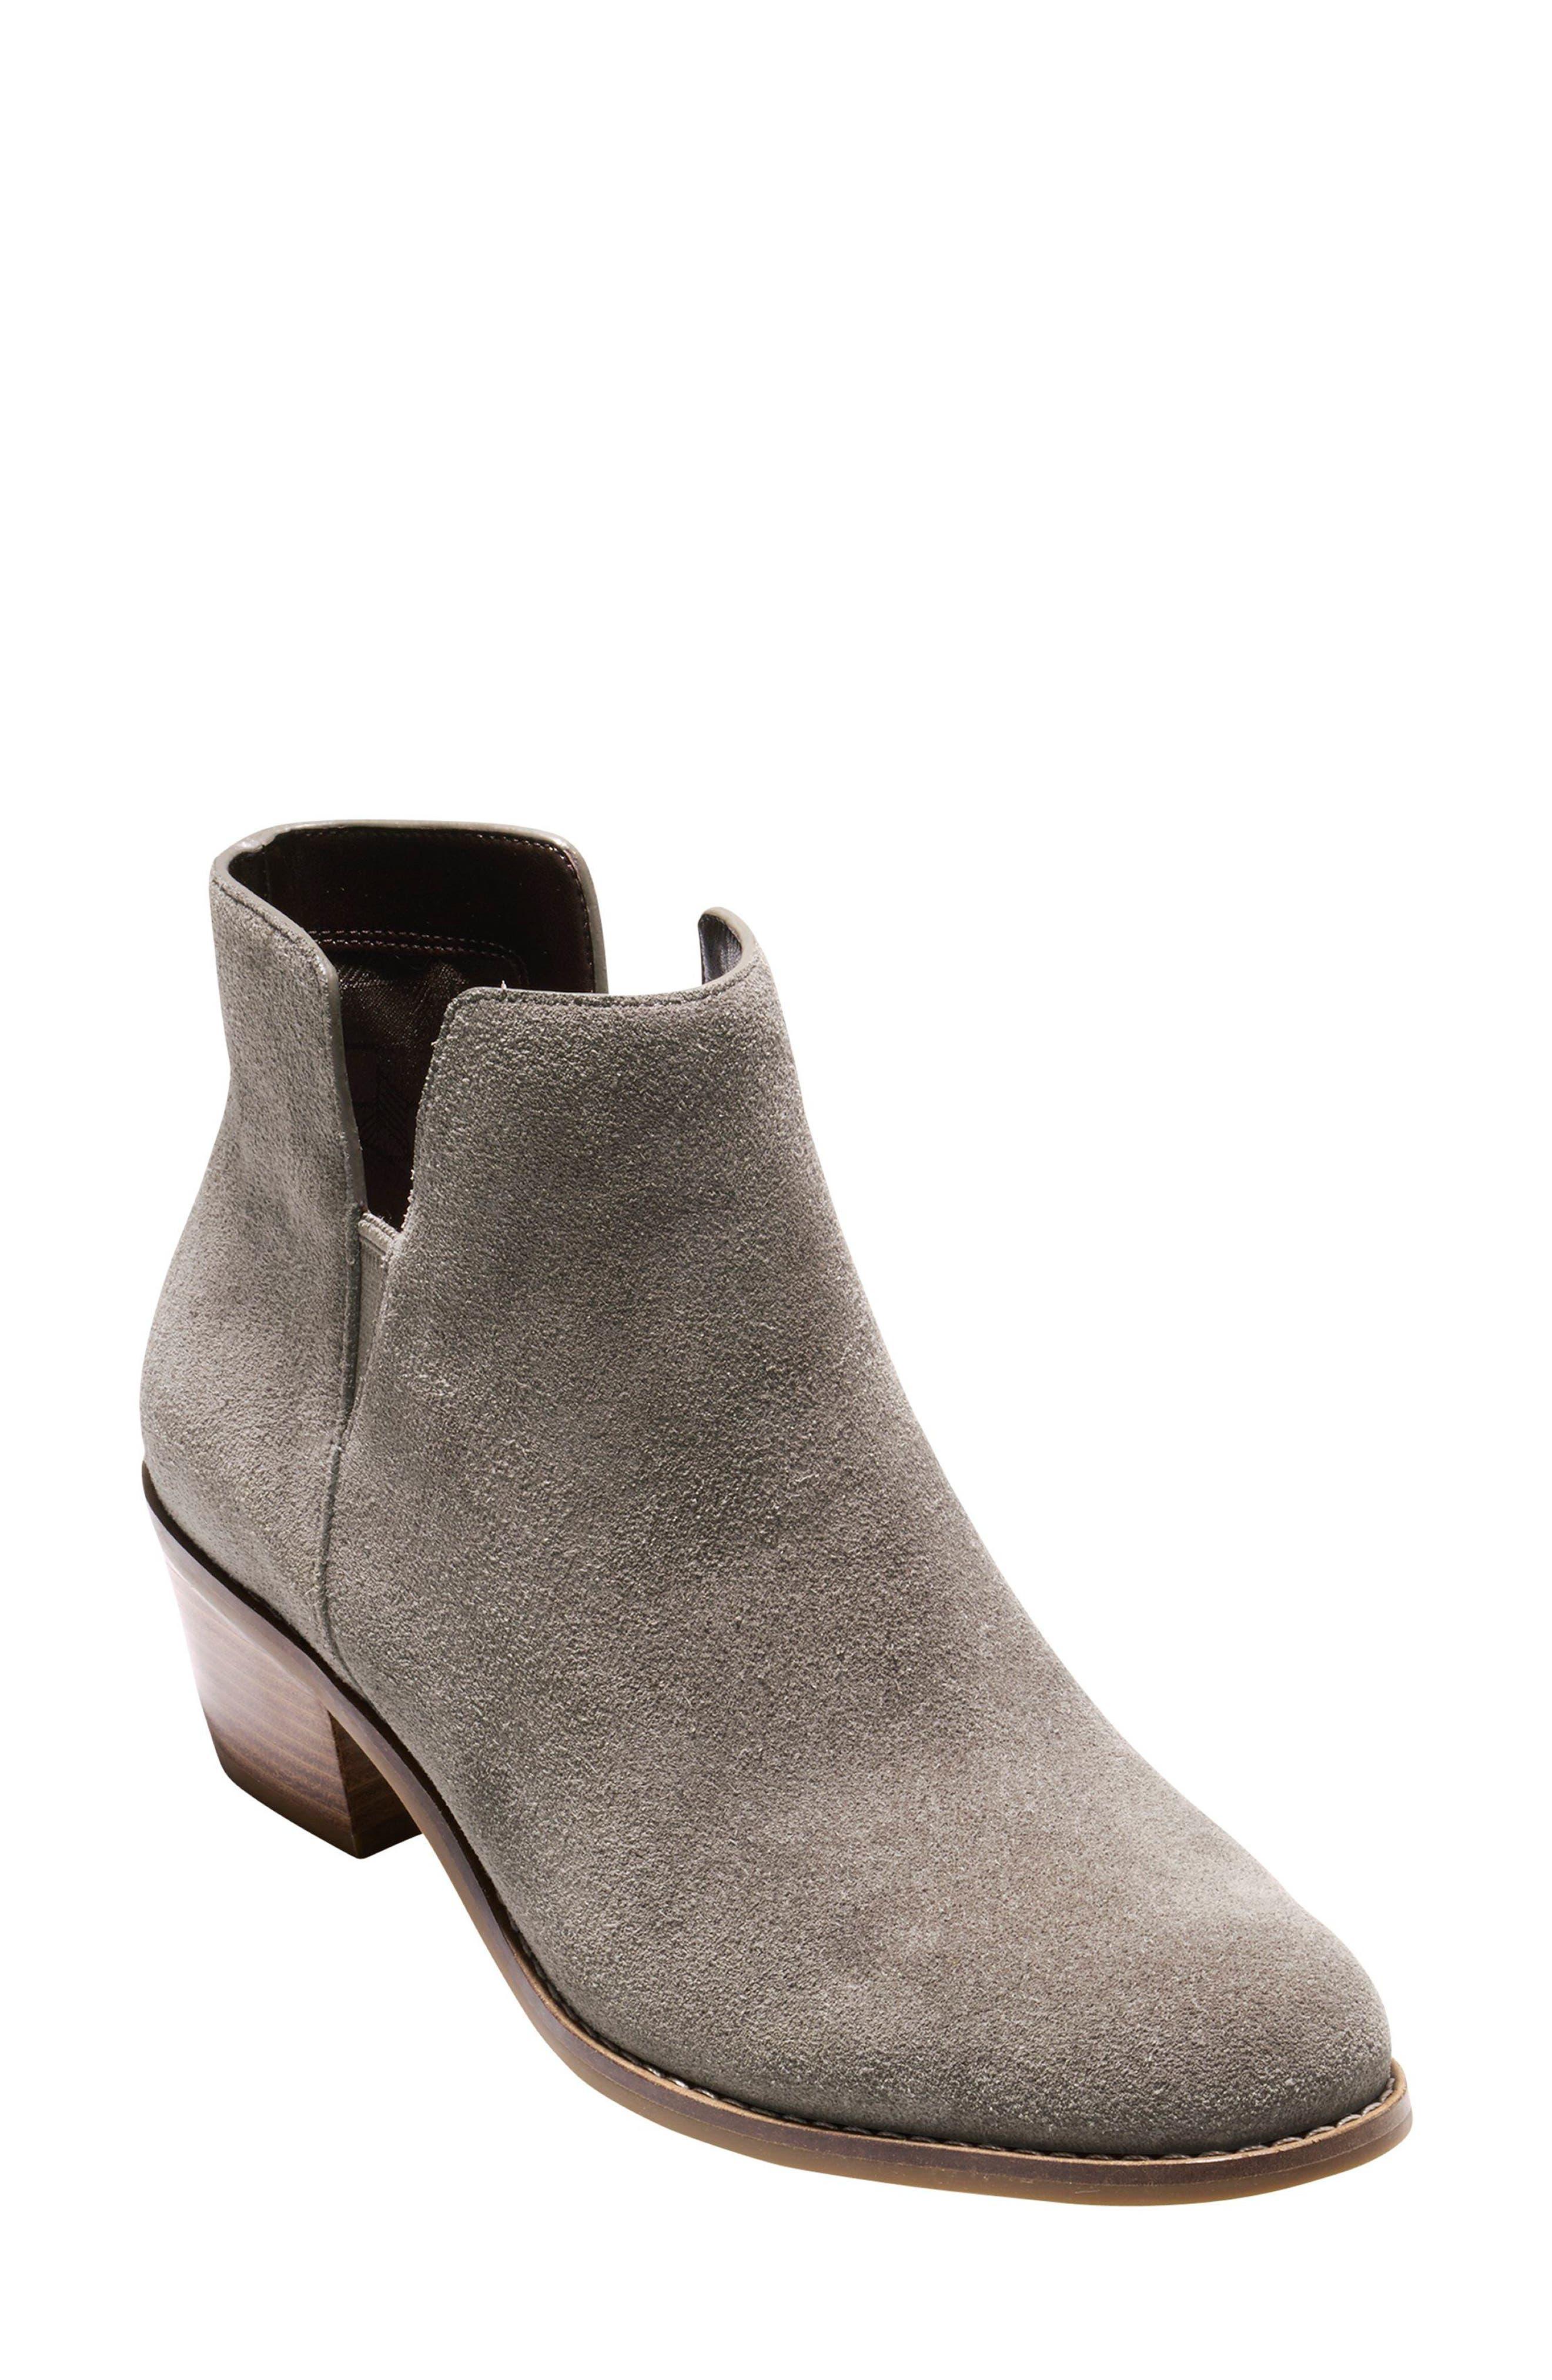 ece9ca430b5 Cole Haan Women s Boots